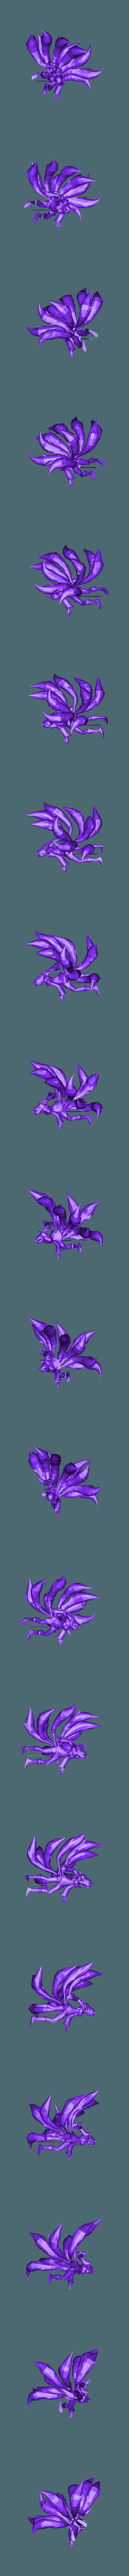 Ahri.stl Télécharger fichier STL gratuit Ahri LIGUE DE LEGENDES • Plan imprimable en 3D, brianmorossj3